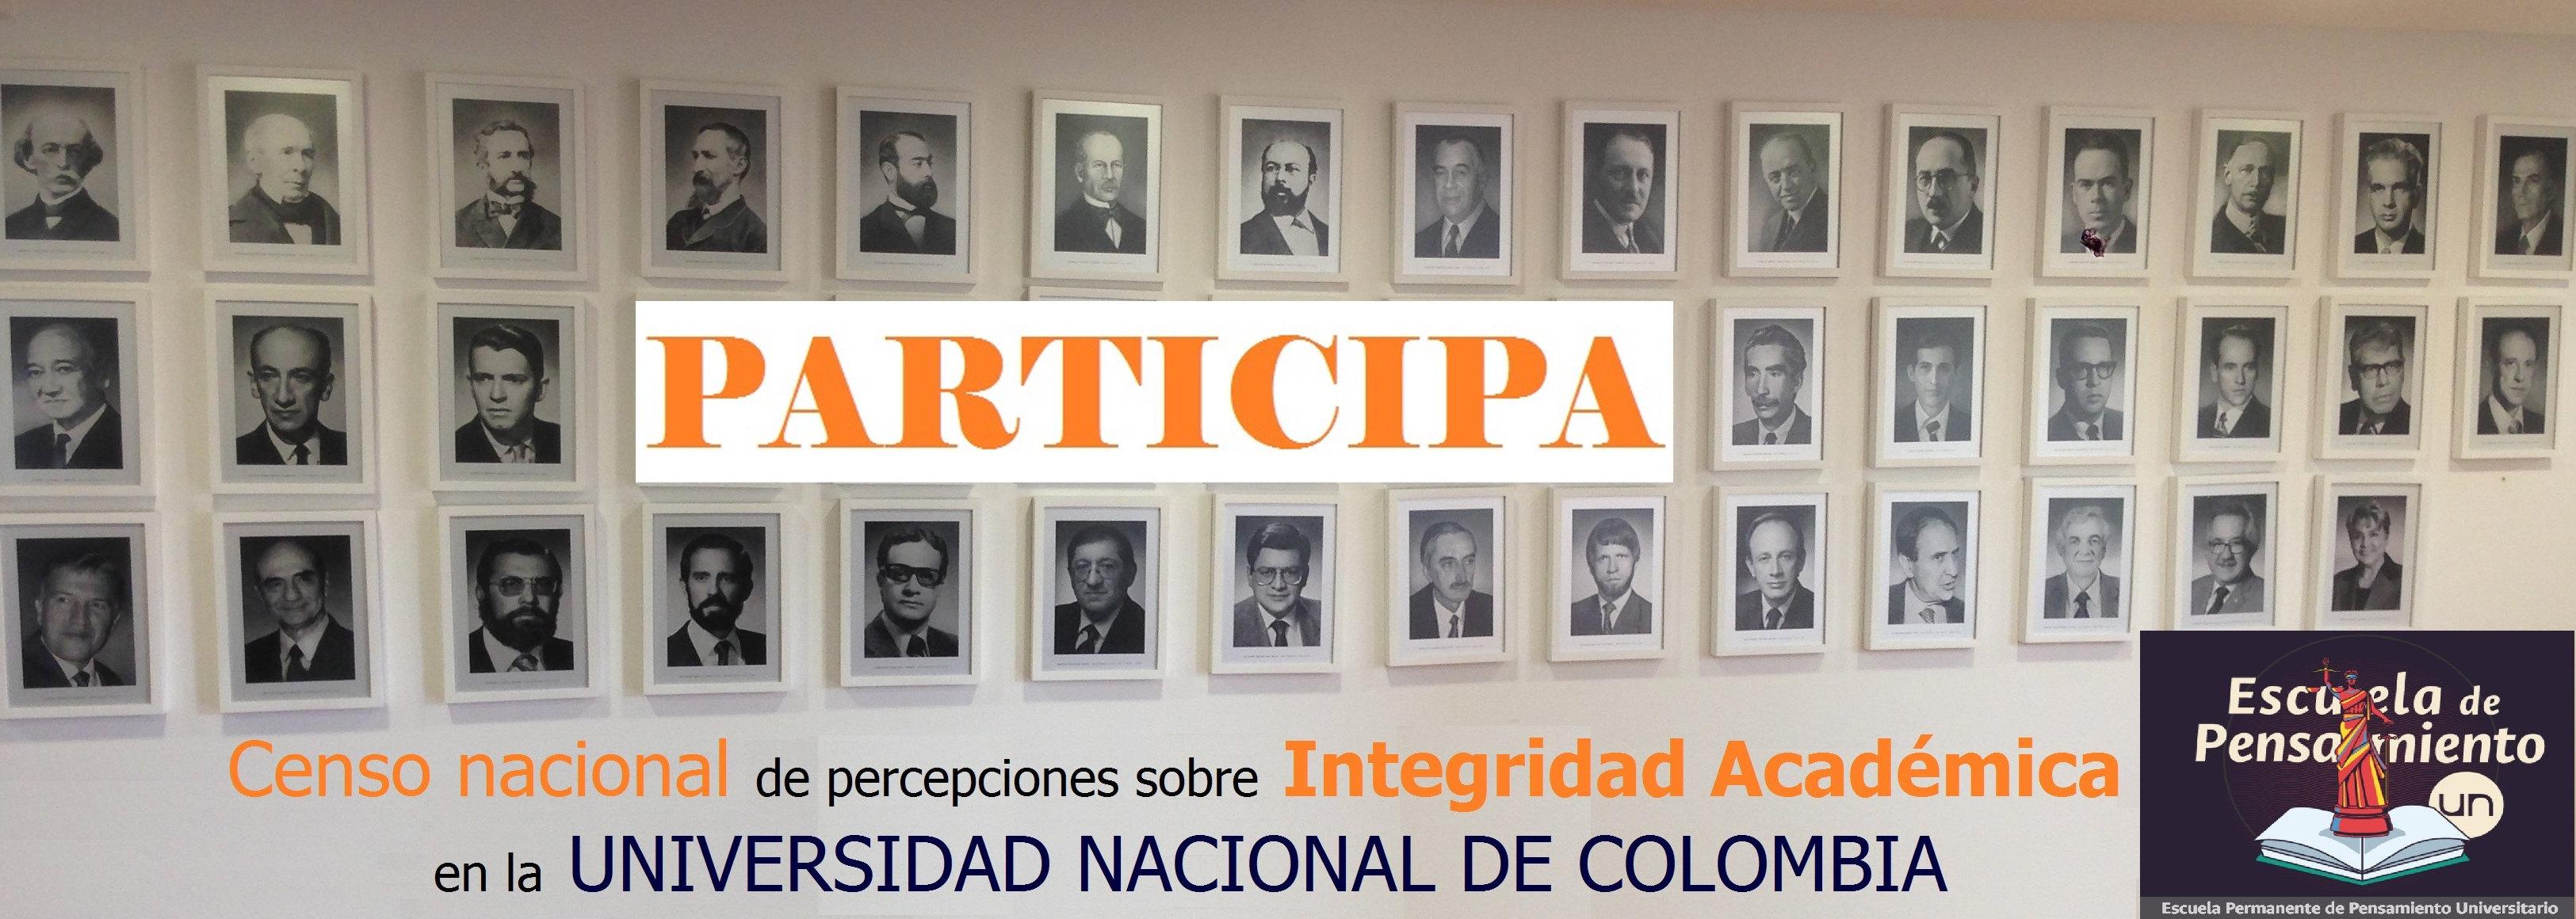 Censo Nacional de Percepciones sobre Integridad Académica en la Universidad Nacional de Colombia